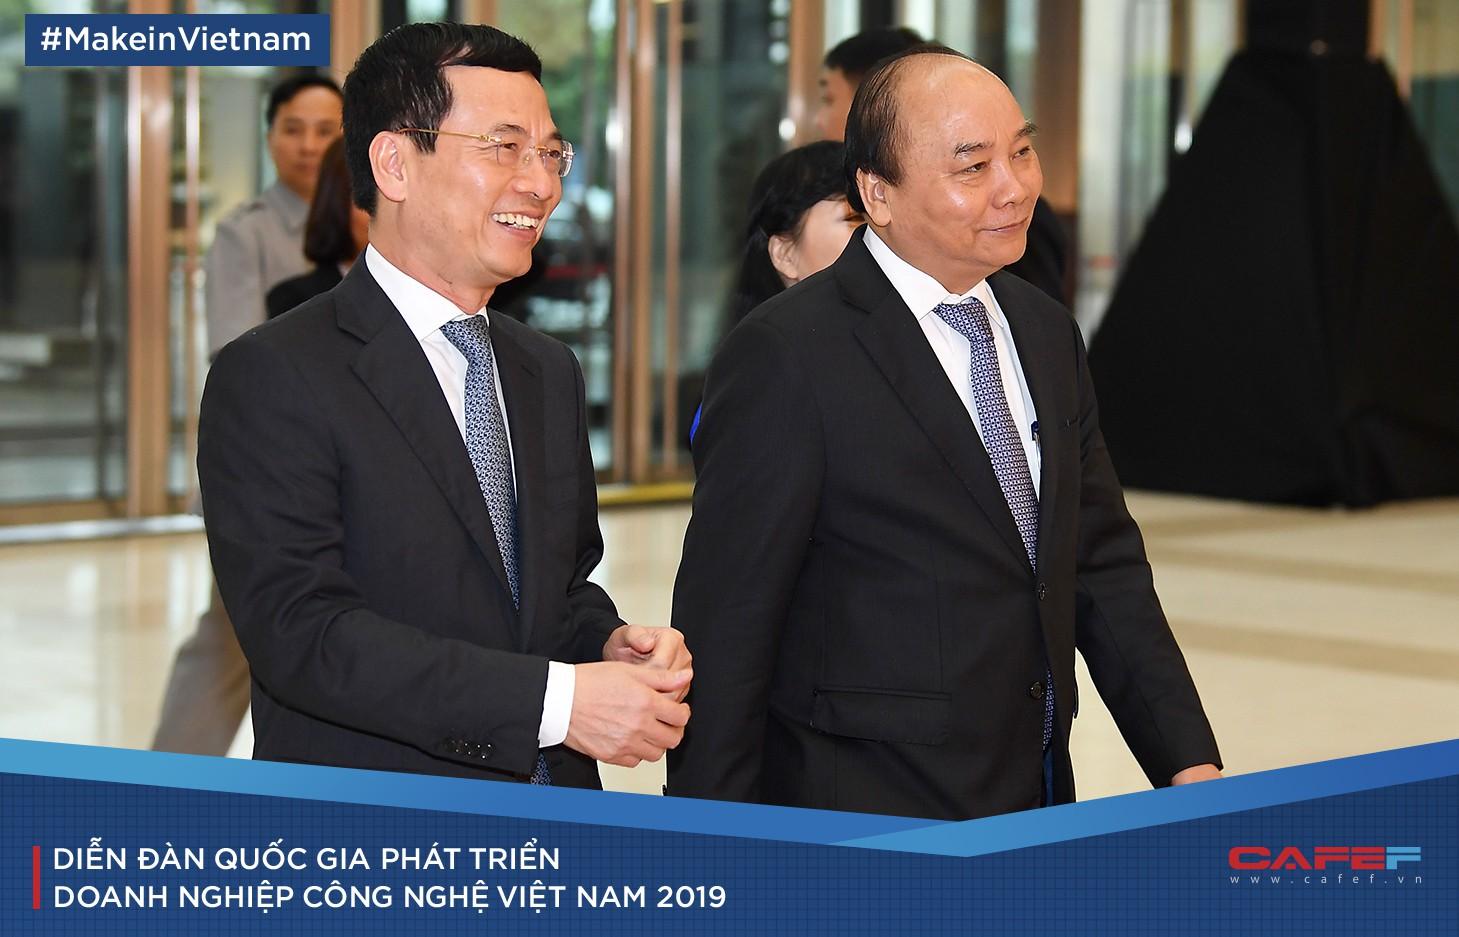 """Góc nhìn lạ đằng sau """"Make in Vietnam"""" của Bộ trưởng Nguyễn Mạnh Hùng - Ảnh 6."""